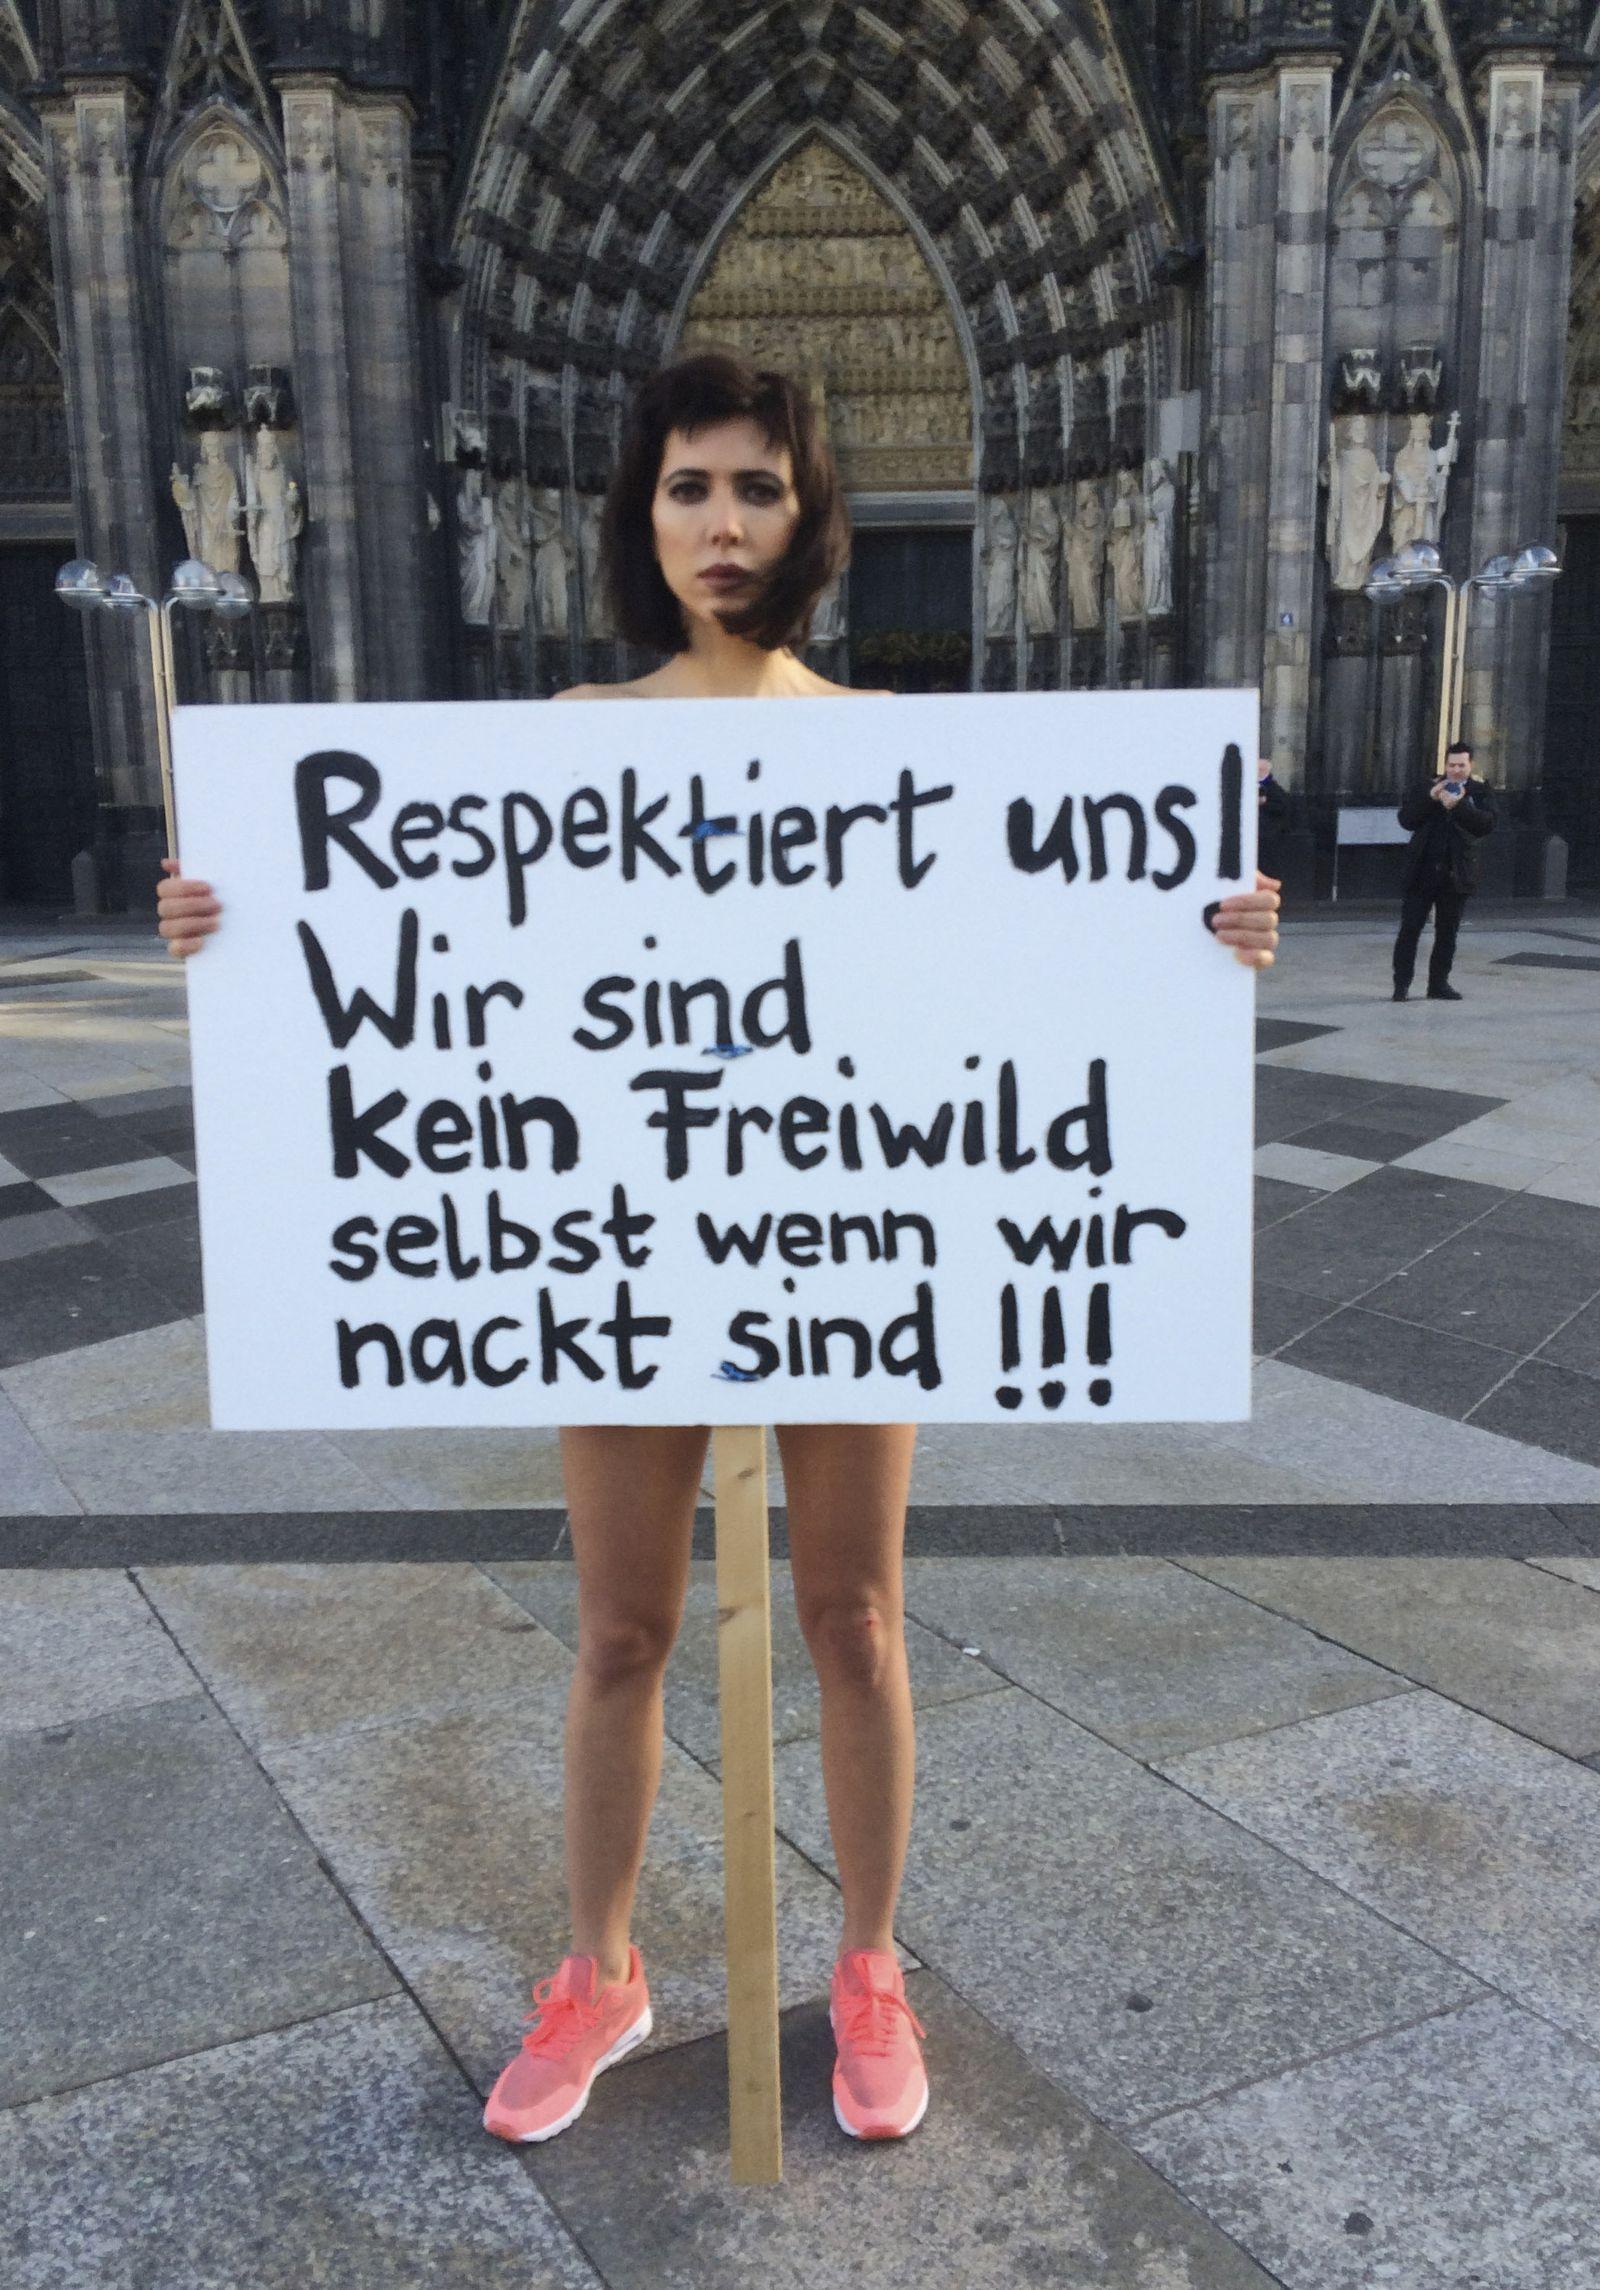 Buch/ Vergewaltigung/ Kölner Dom / Performance Milo Moire / Sexuelle Belästigung